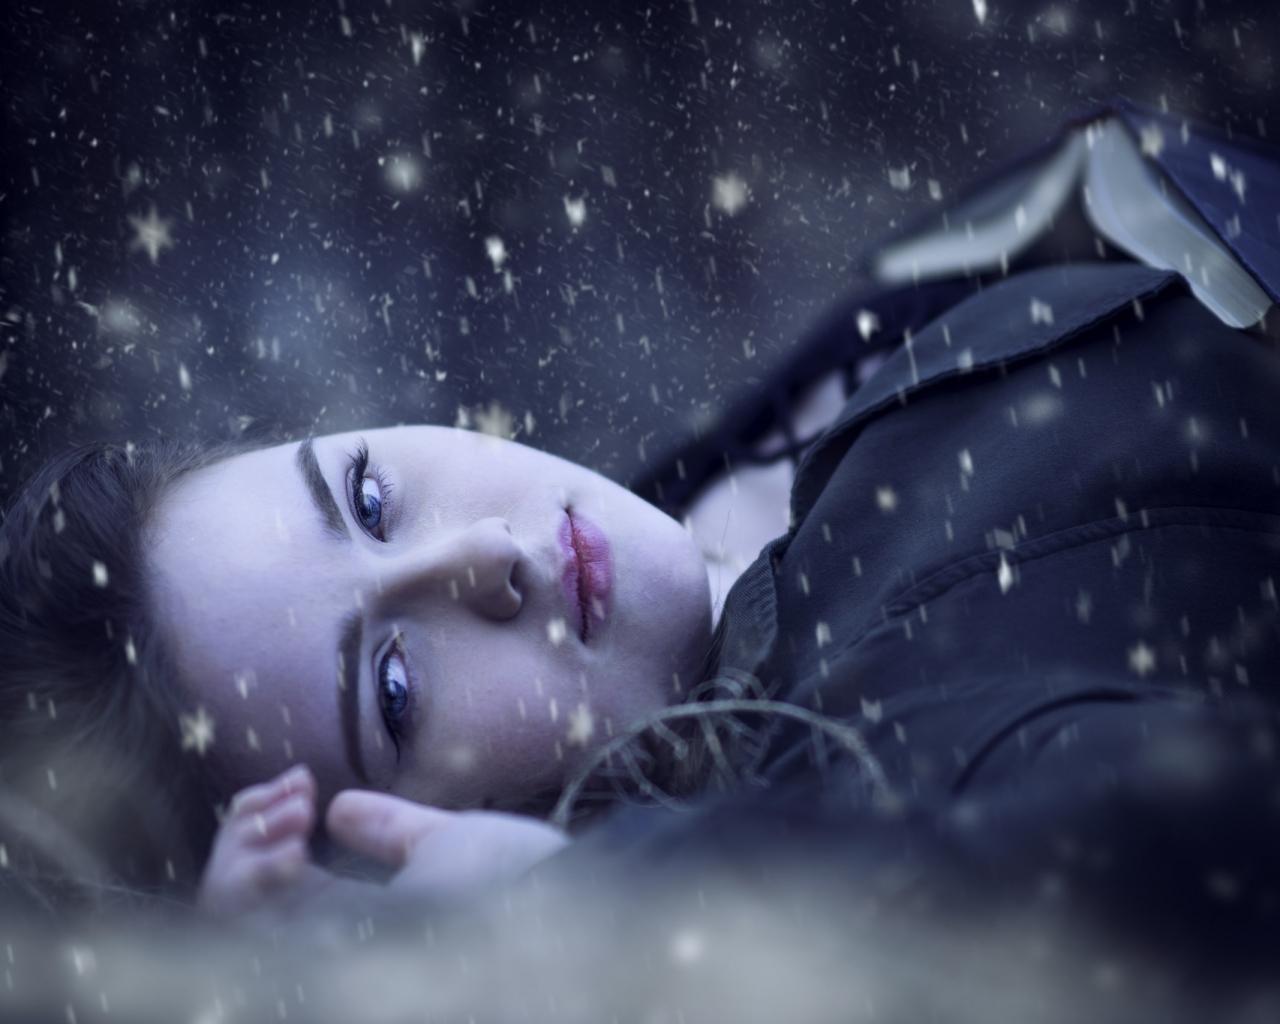 Retrato bajo la nieve - 1280x1024